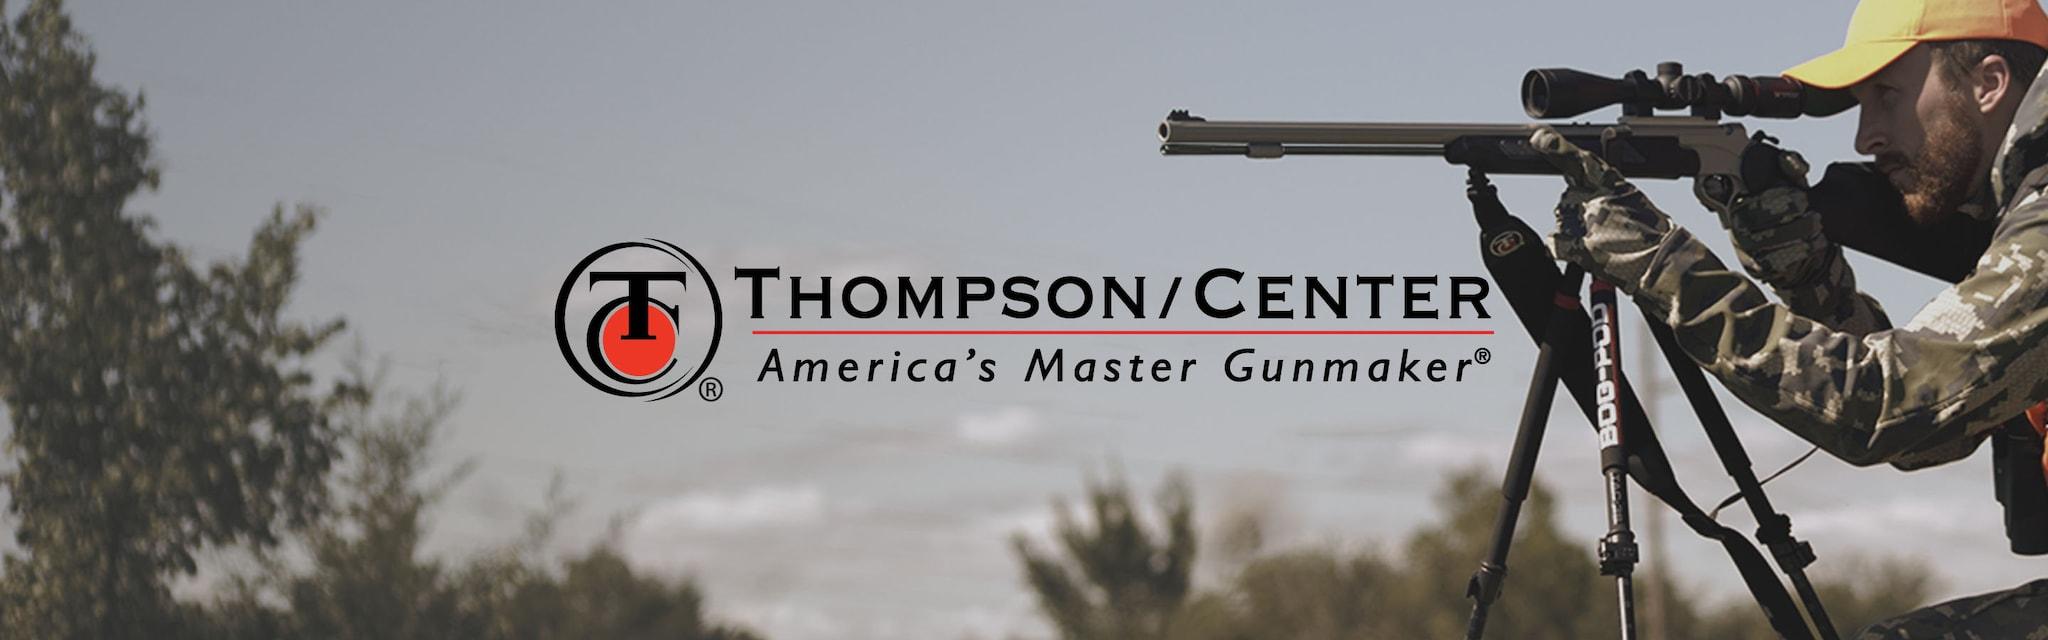 THOMPSON/CENTER BRAND BANNER